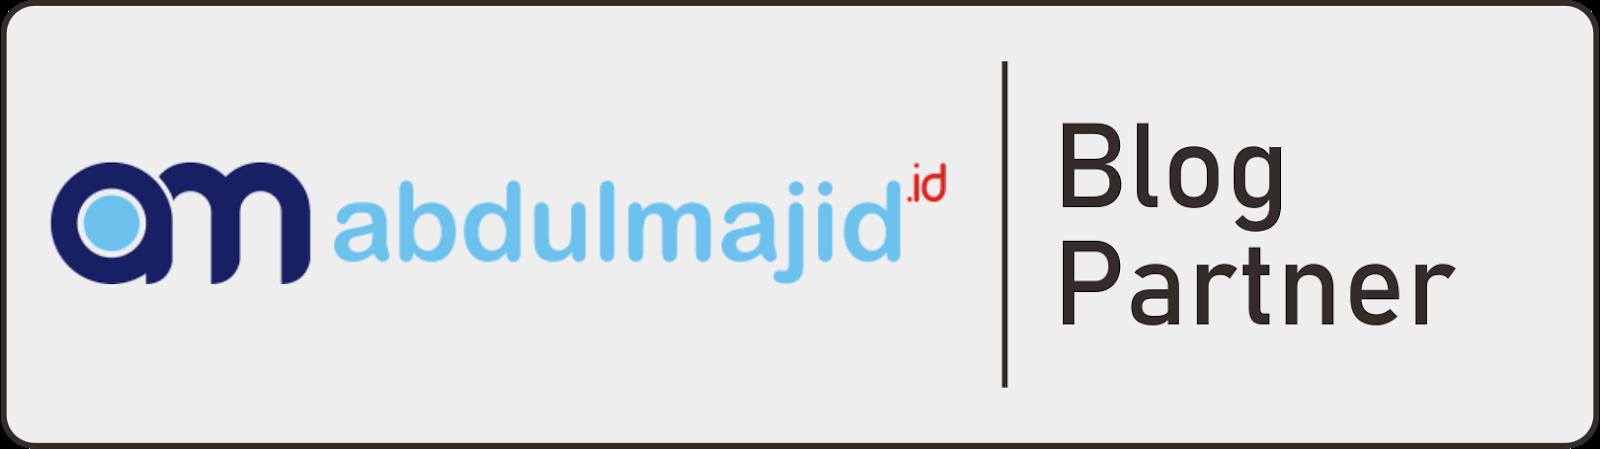 abdulmajid.id